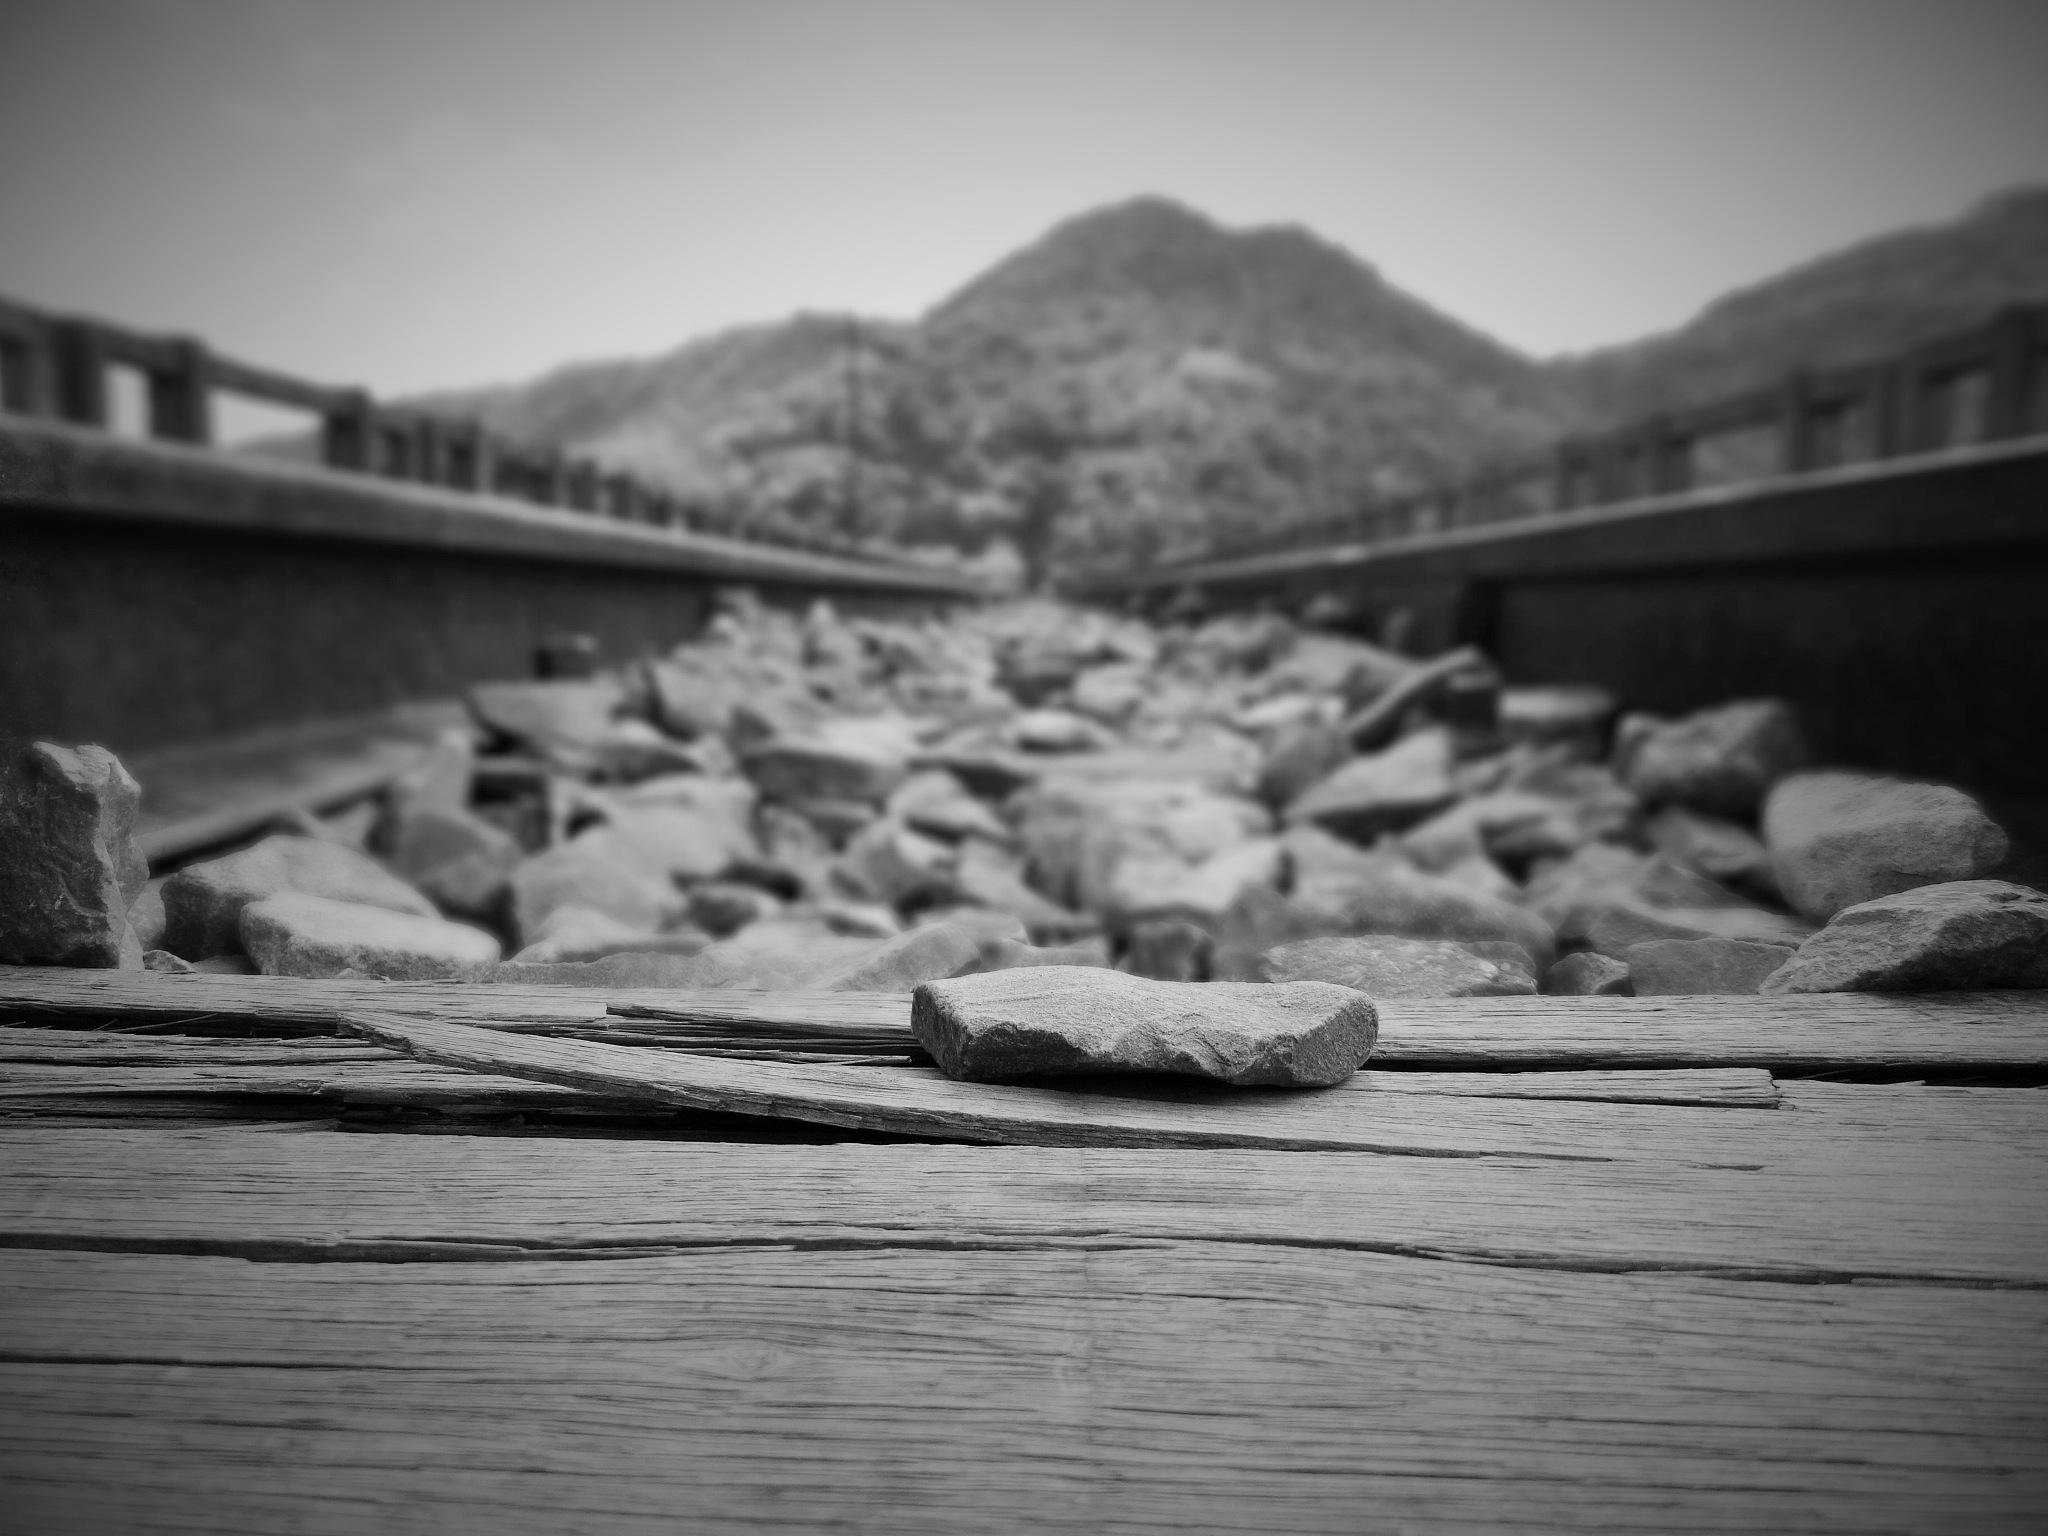 pedras pelo caminho by Maciel Panisson